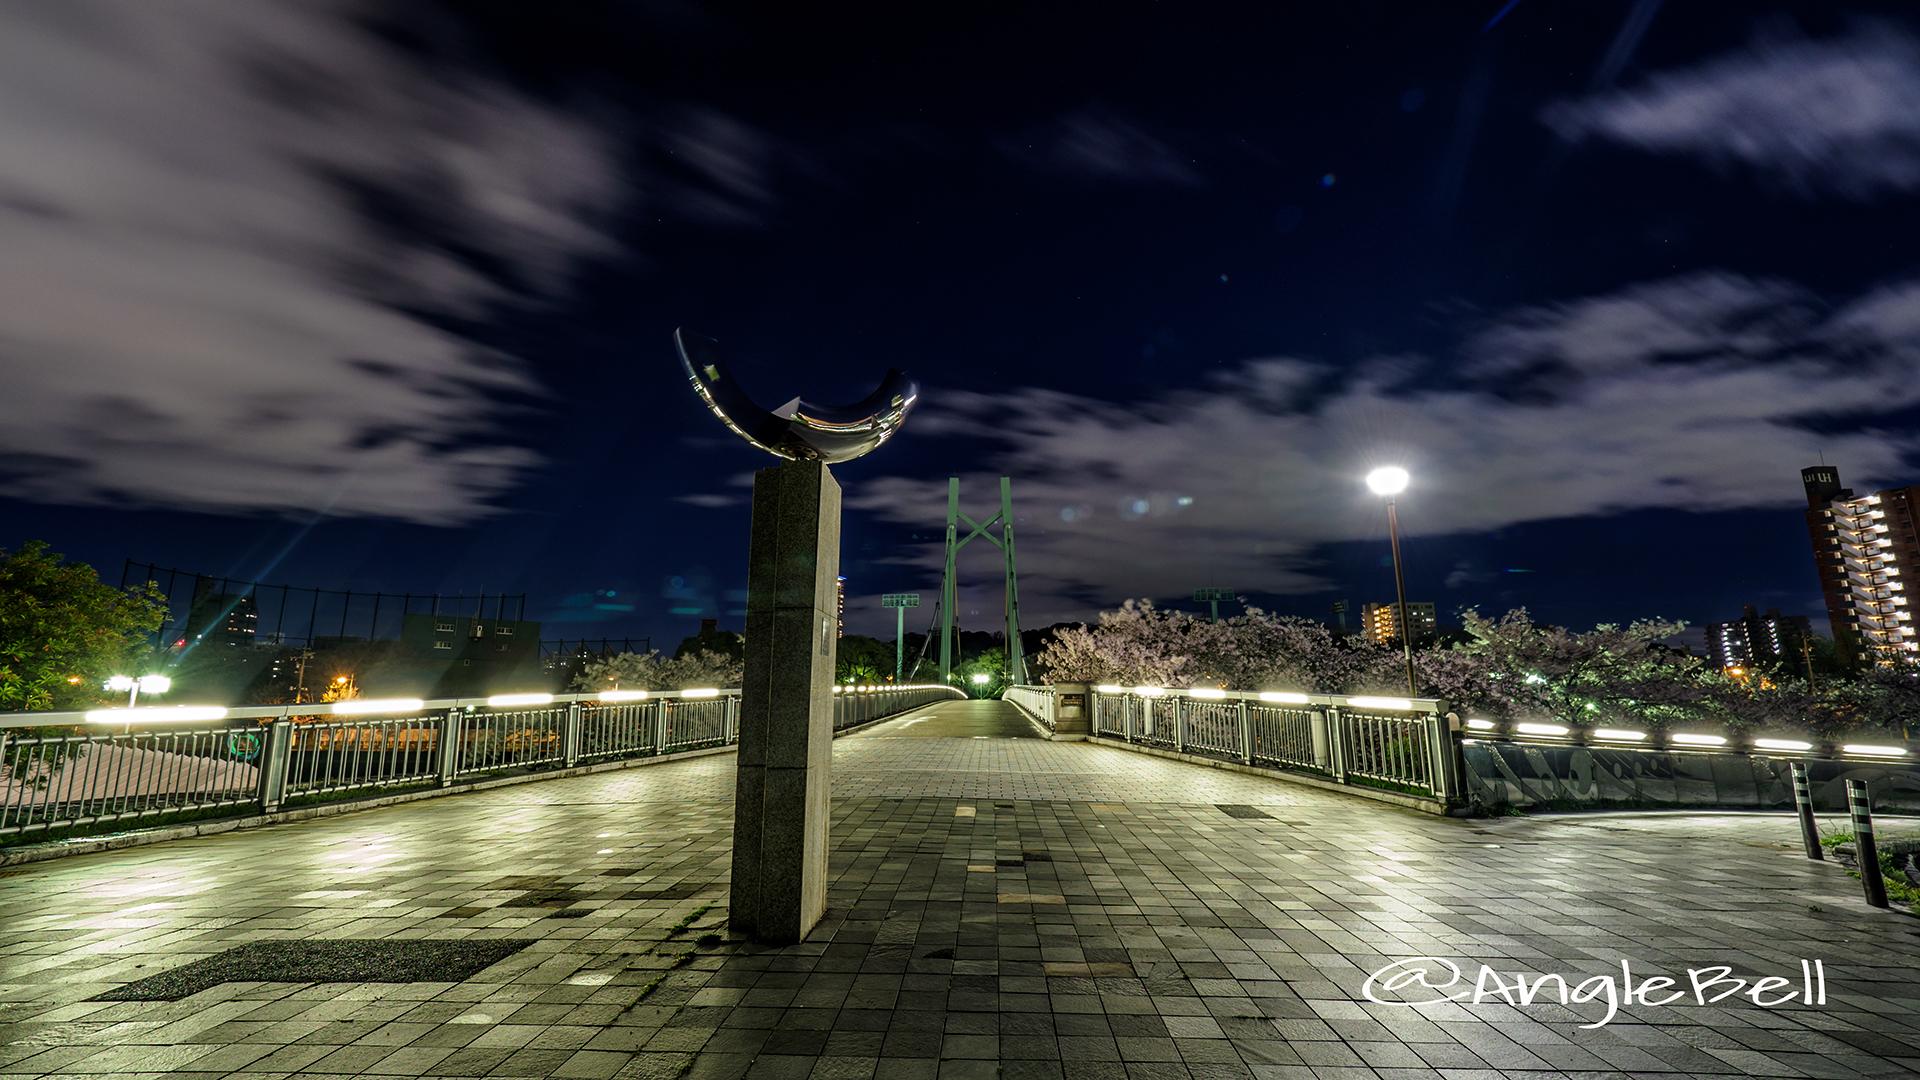 熱田記念橋 堀川沿いの桜とモニュメント「翔姿」